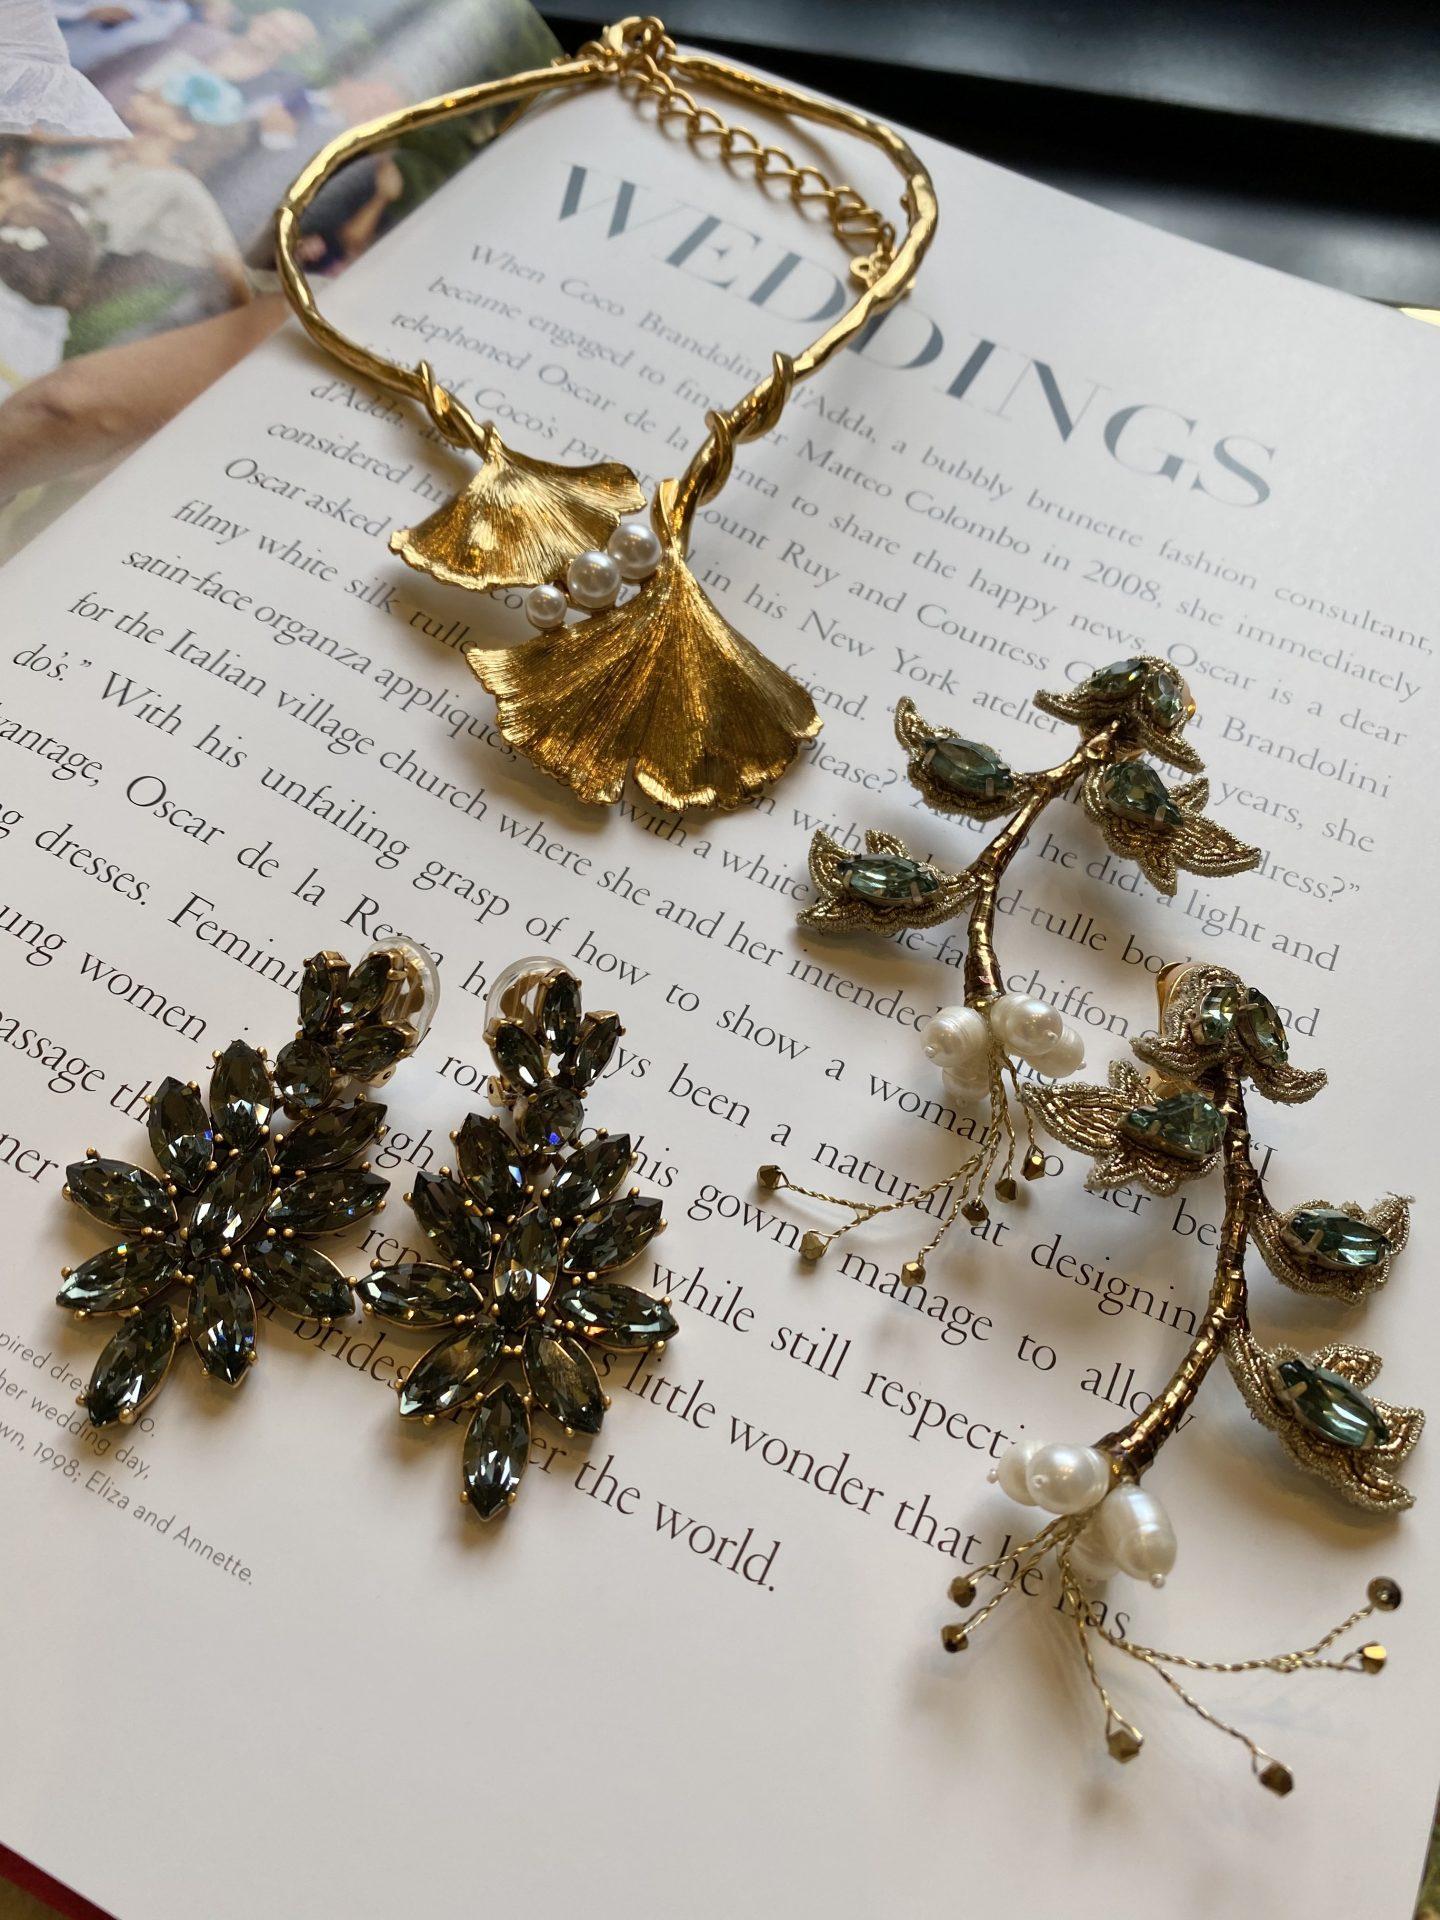 ザ・ガーデンオリエンタル・大阪に合うオスカー・デ・ラ・レンタの大ぶりのイヤリングとネックレスのコレクション